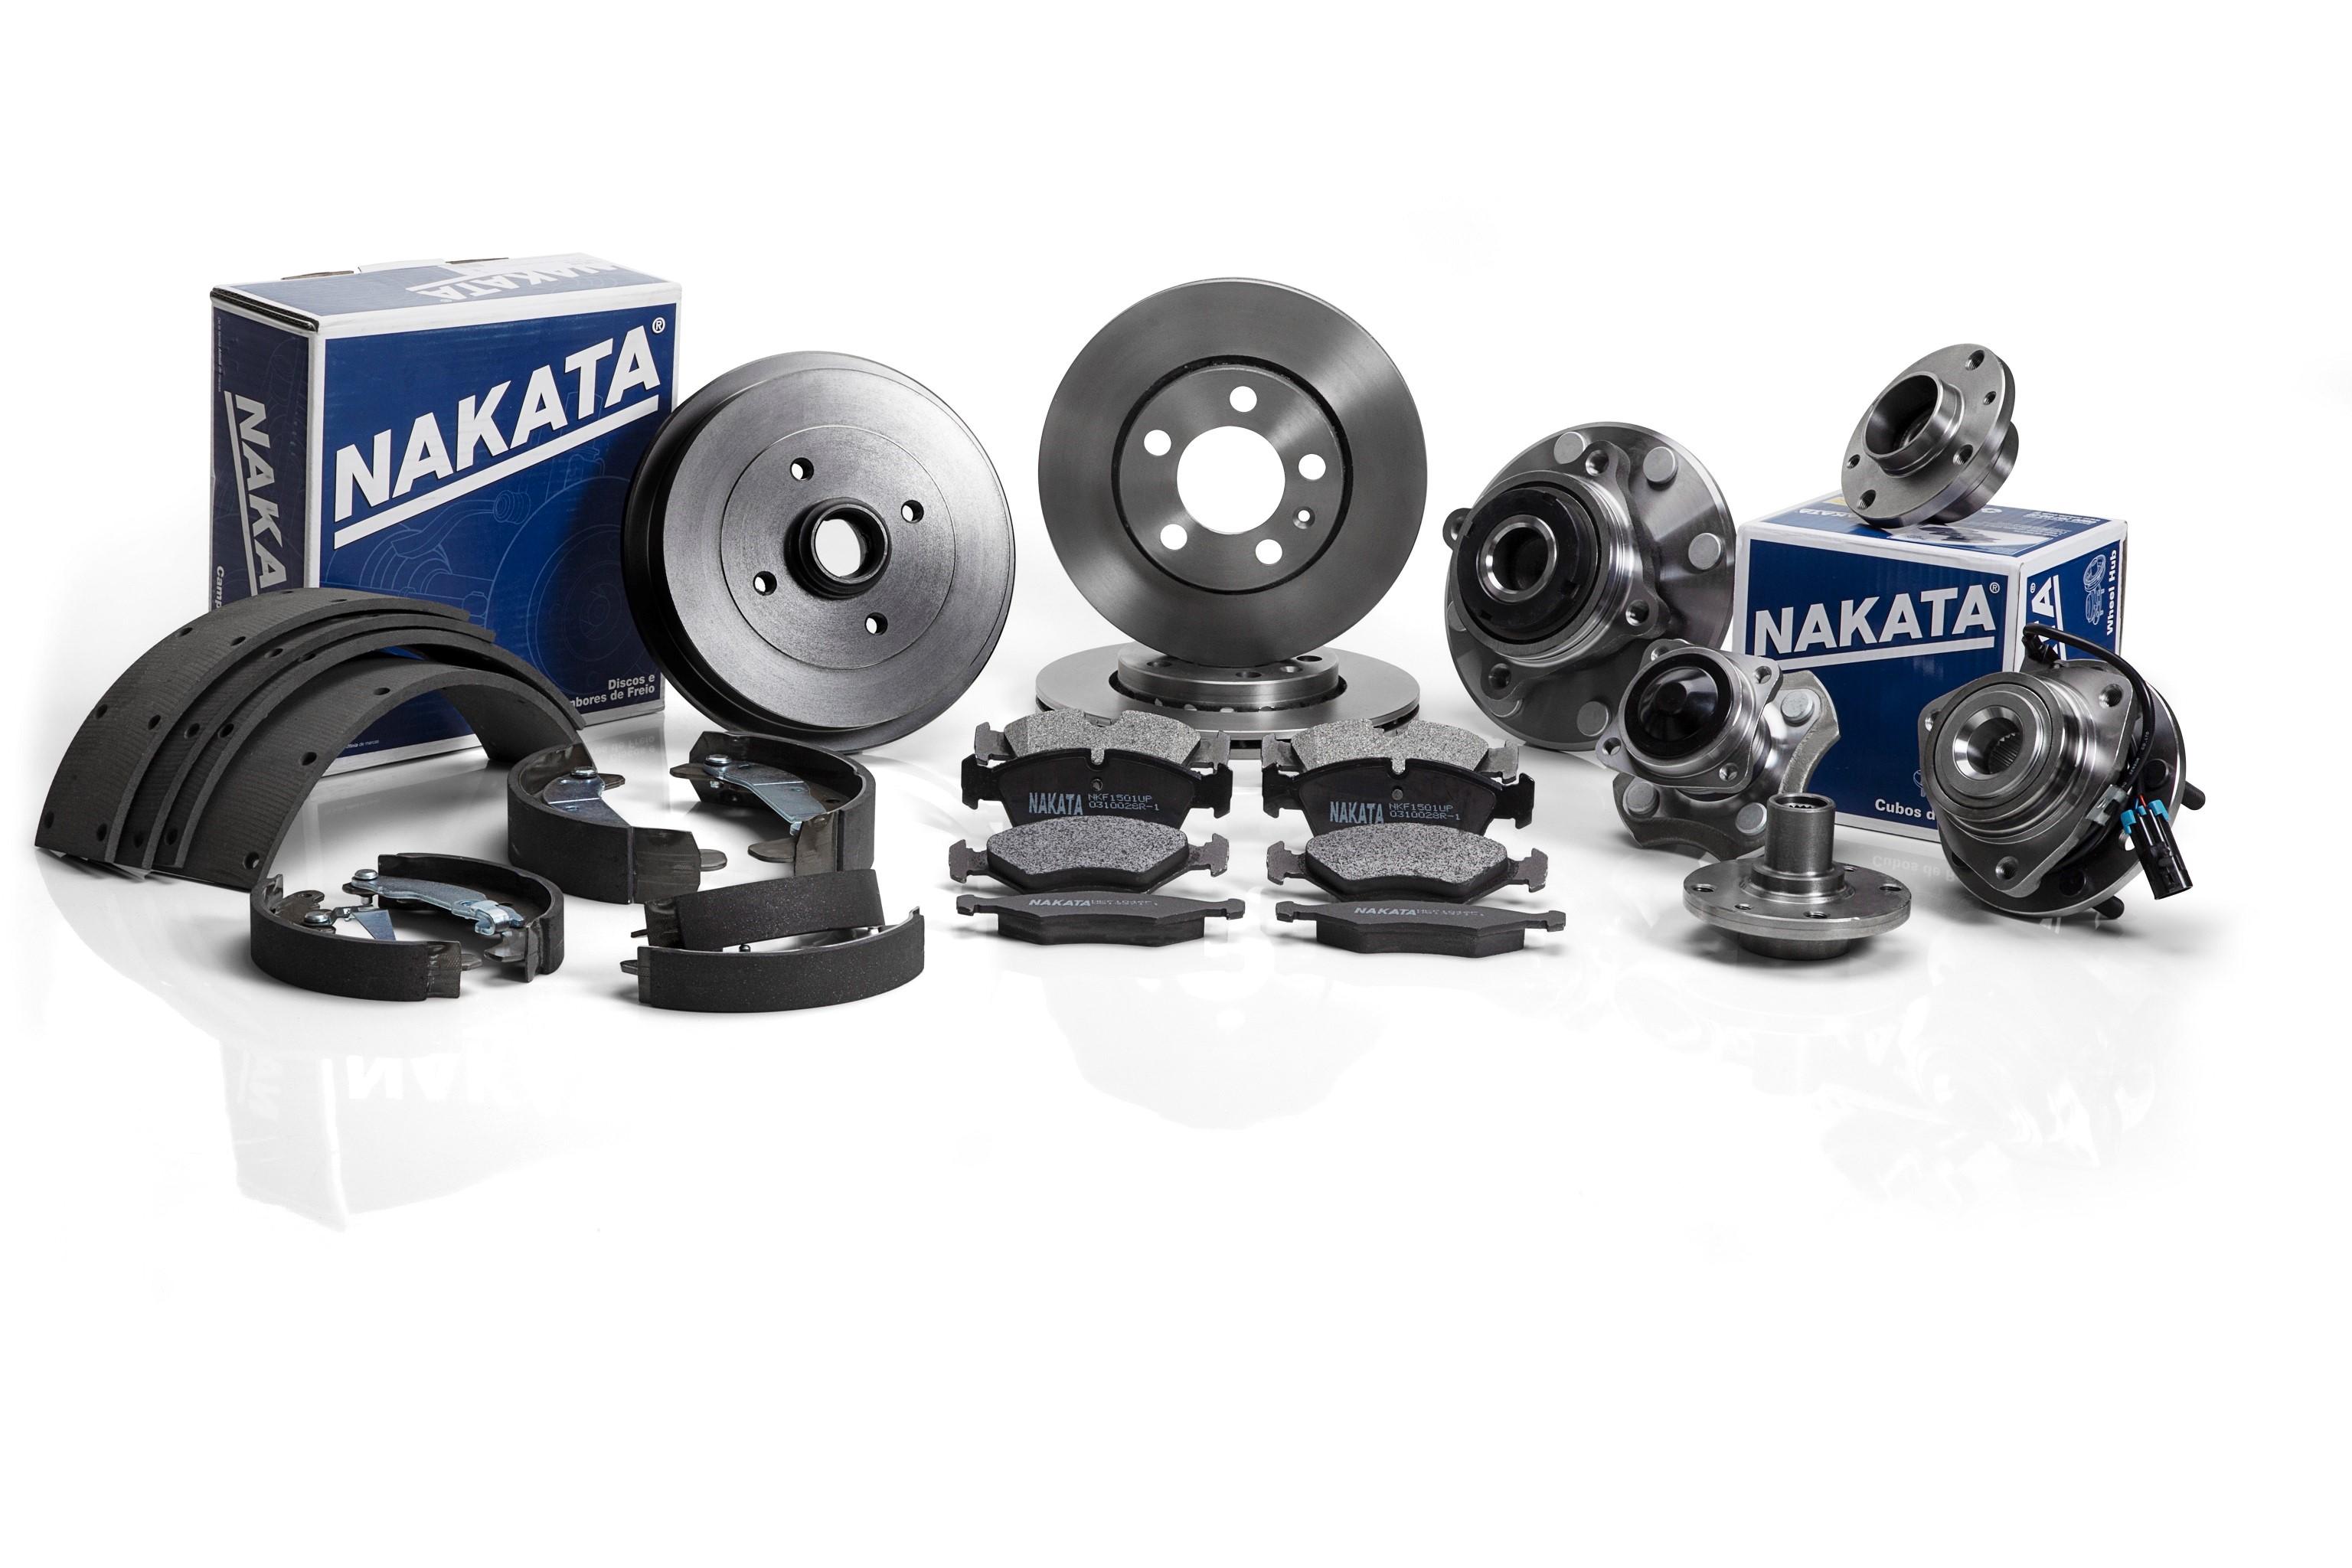 Nakata apresenta pastilhas de freio para veículos da Volkswagen, Audi, Hyundai, Kia, Ssangyong, Nissan e Toyota